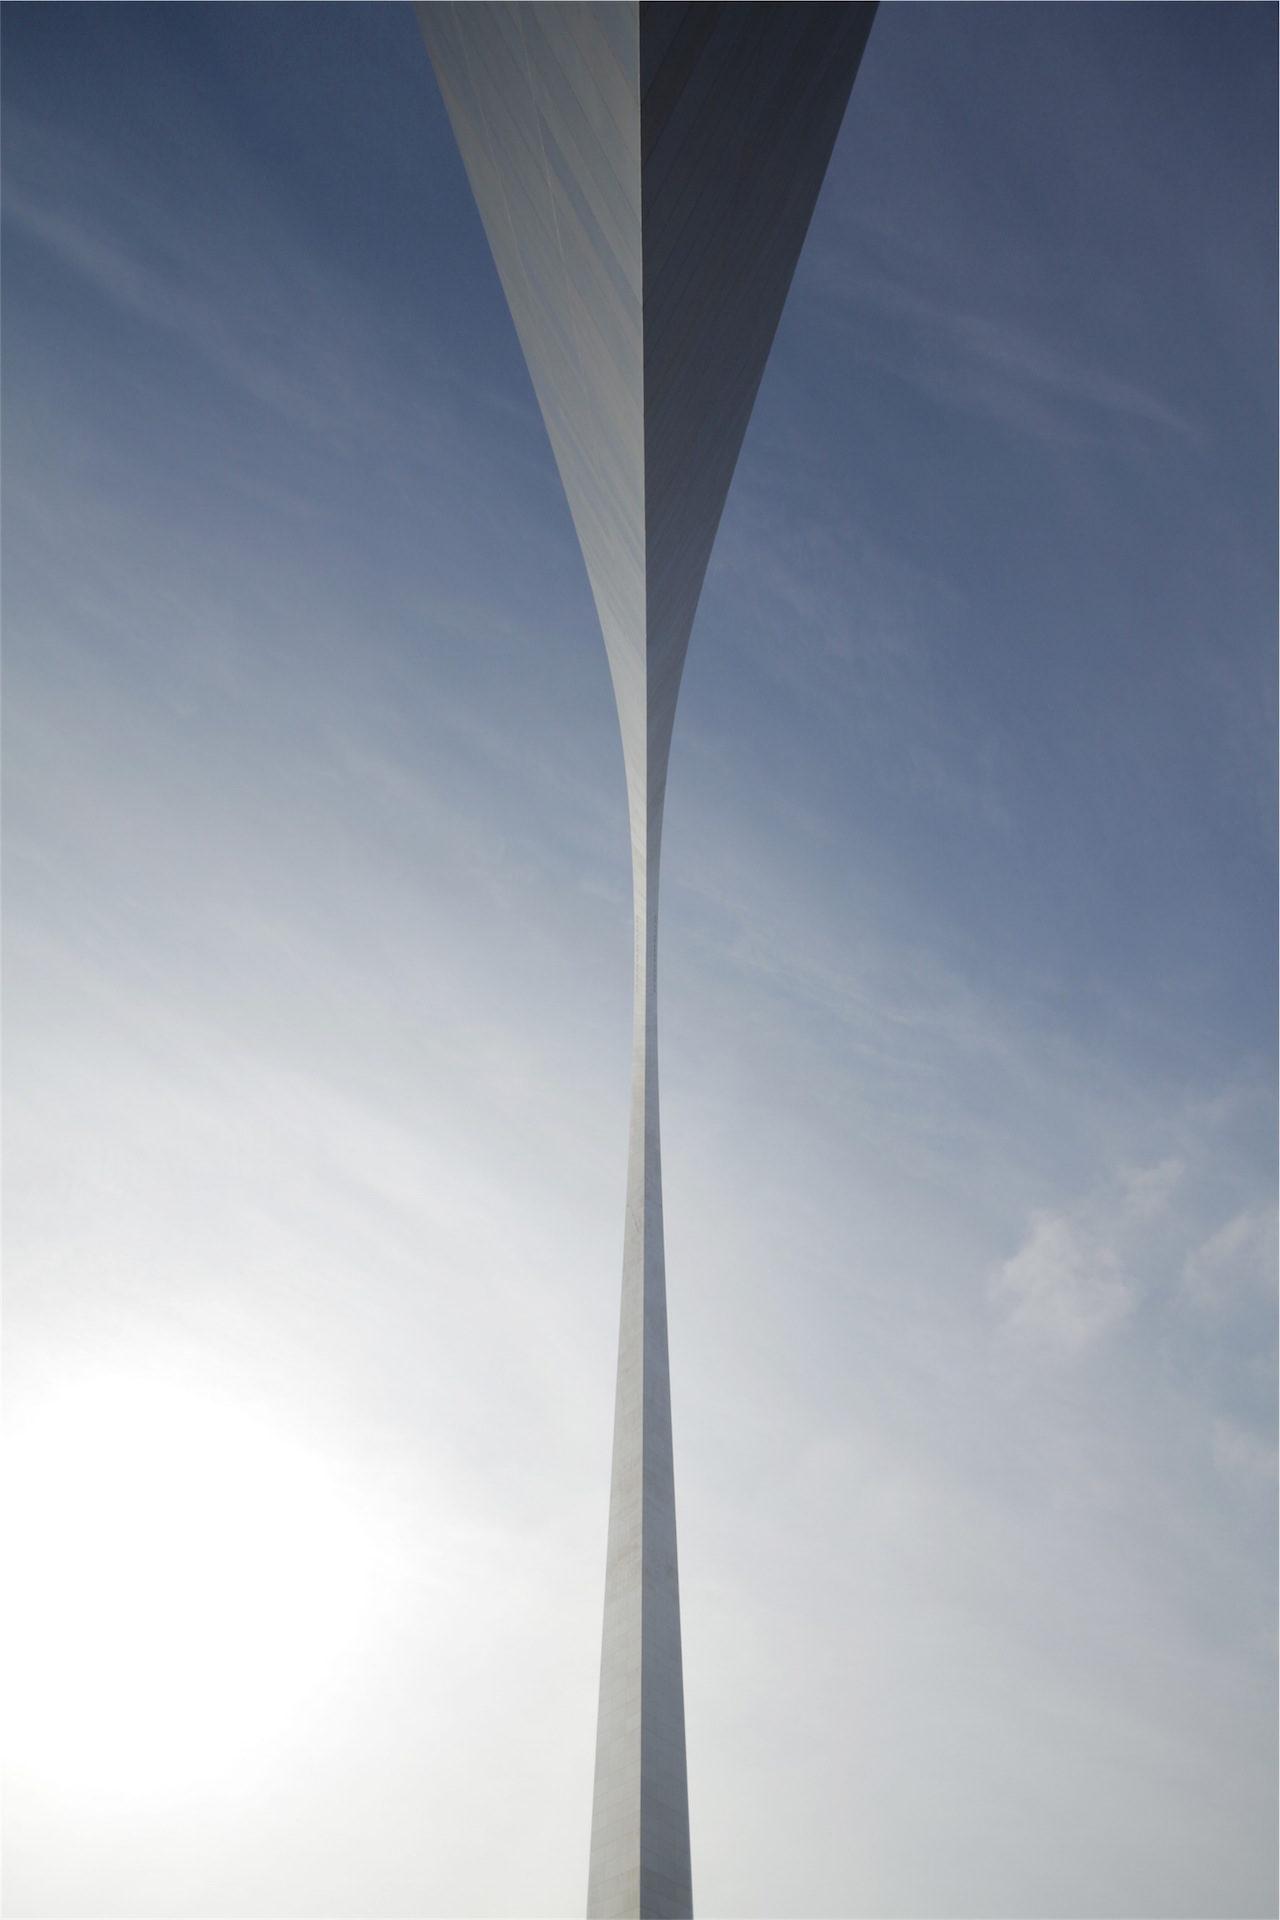 puerte, arco, construcción, cielo, sol - Fondos de Pantalla HD - professor-falken.com